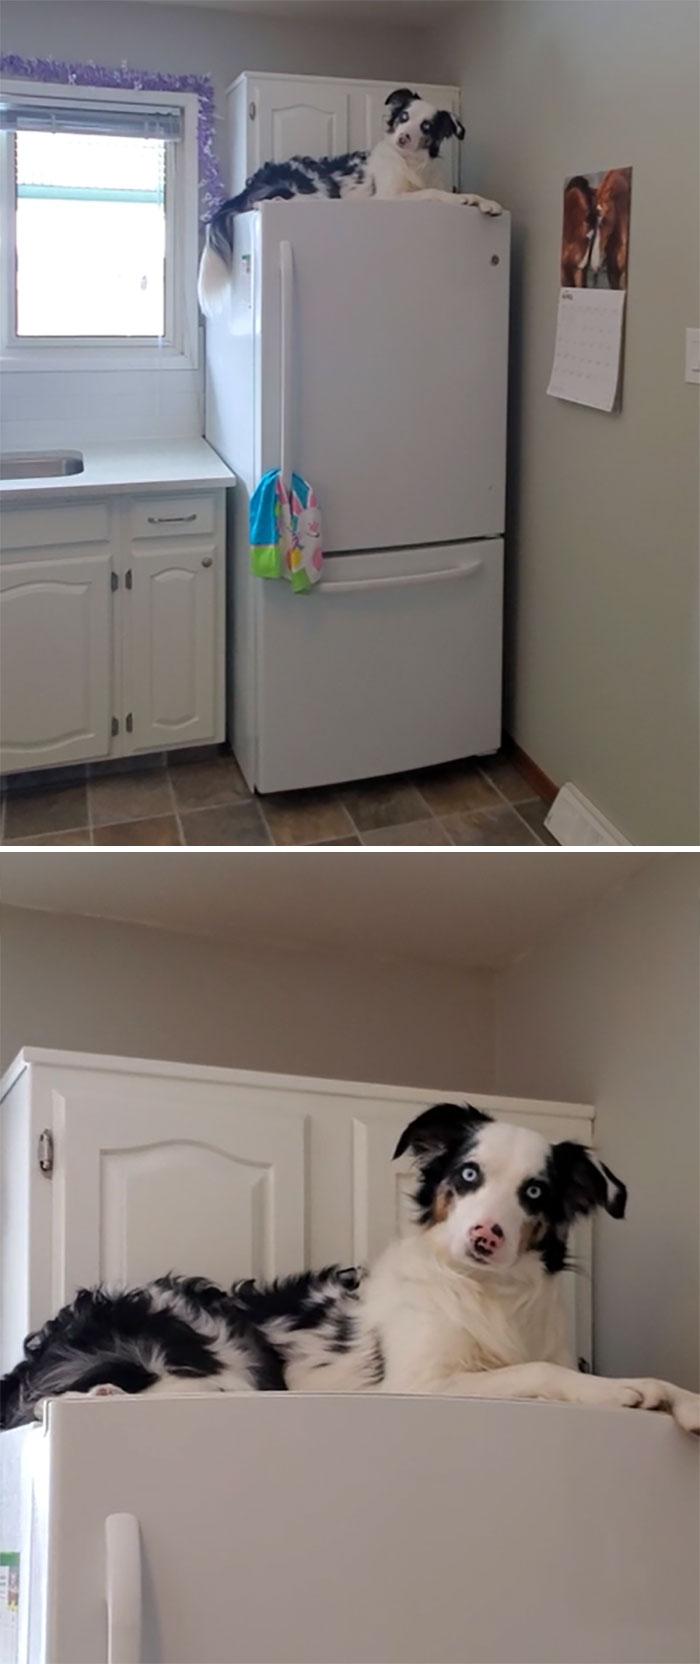 черно-белый пес лежит на холодильнике